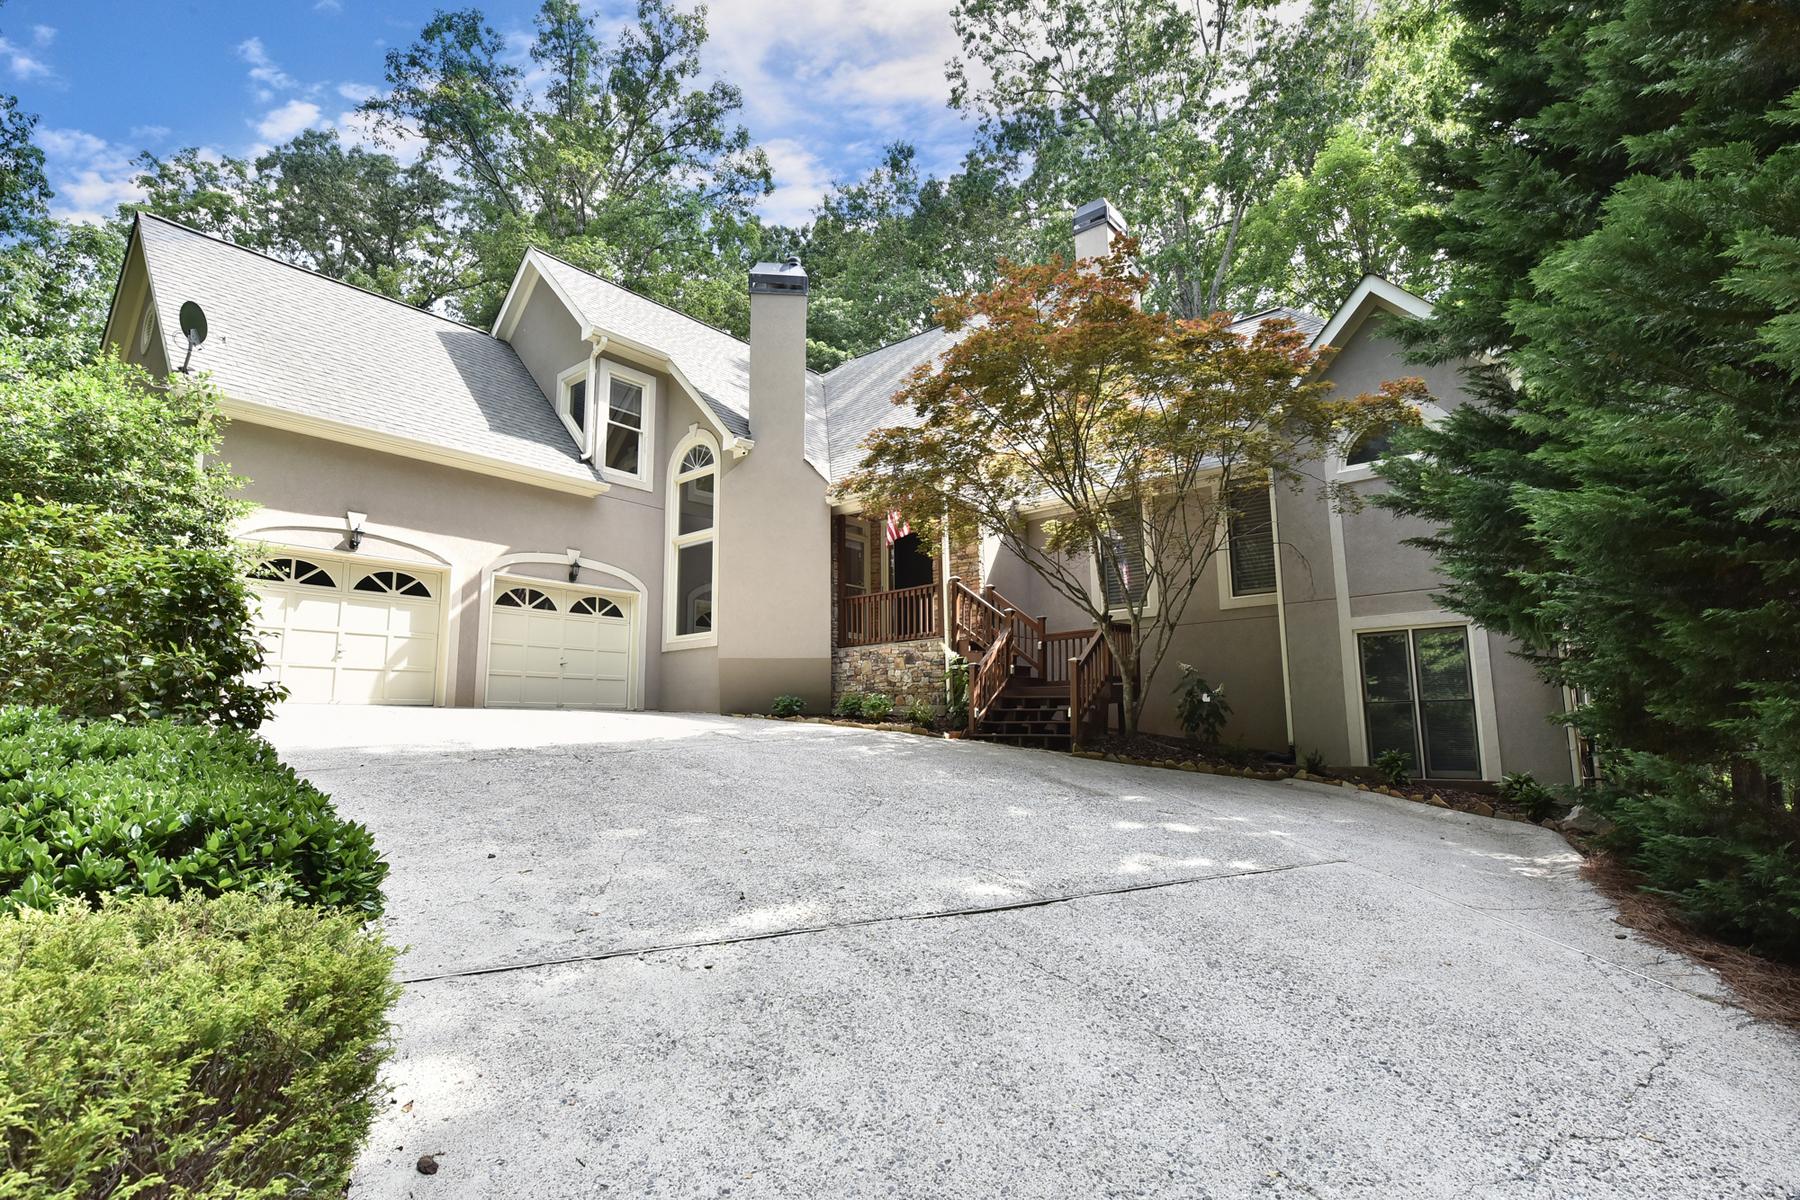 一戸建て のために 売買 アット Beautiful Private Home On Almost Two Acres In Milton 110 Providence Plantation Drive Alpharetta, ジョージア, 30004 アメリカ合衆国